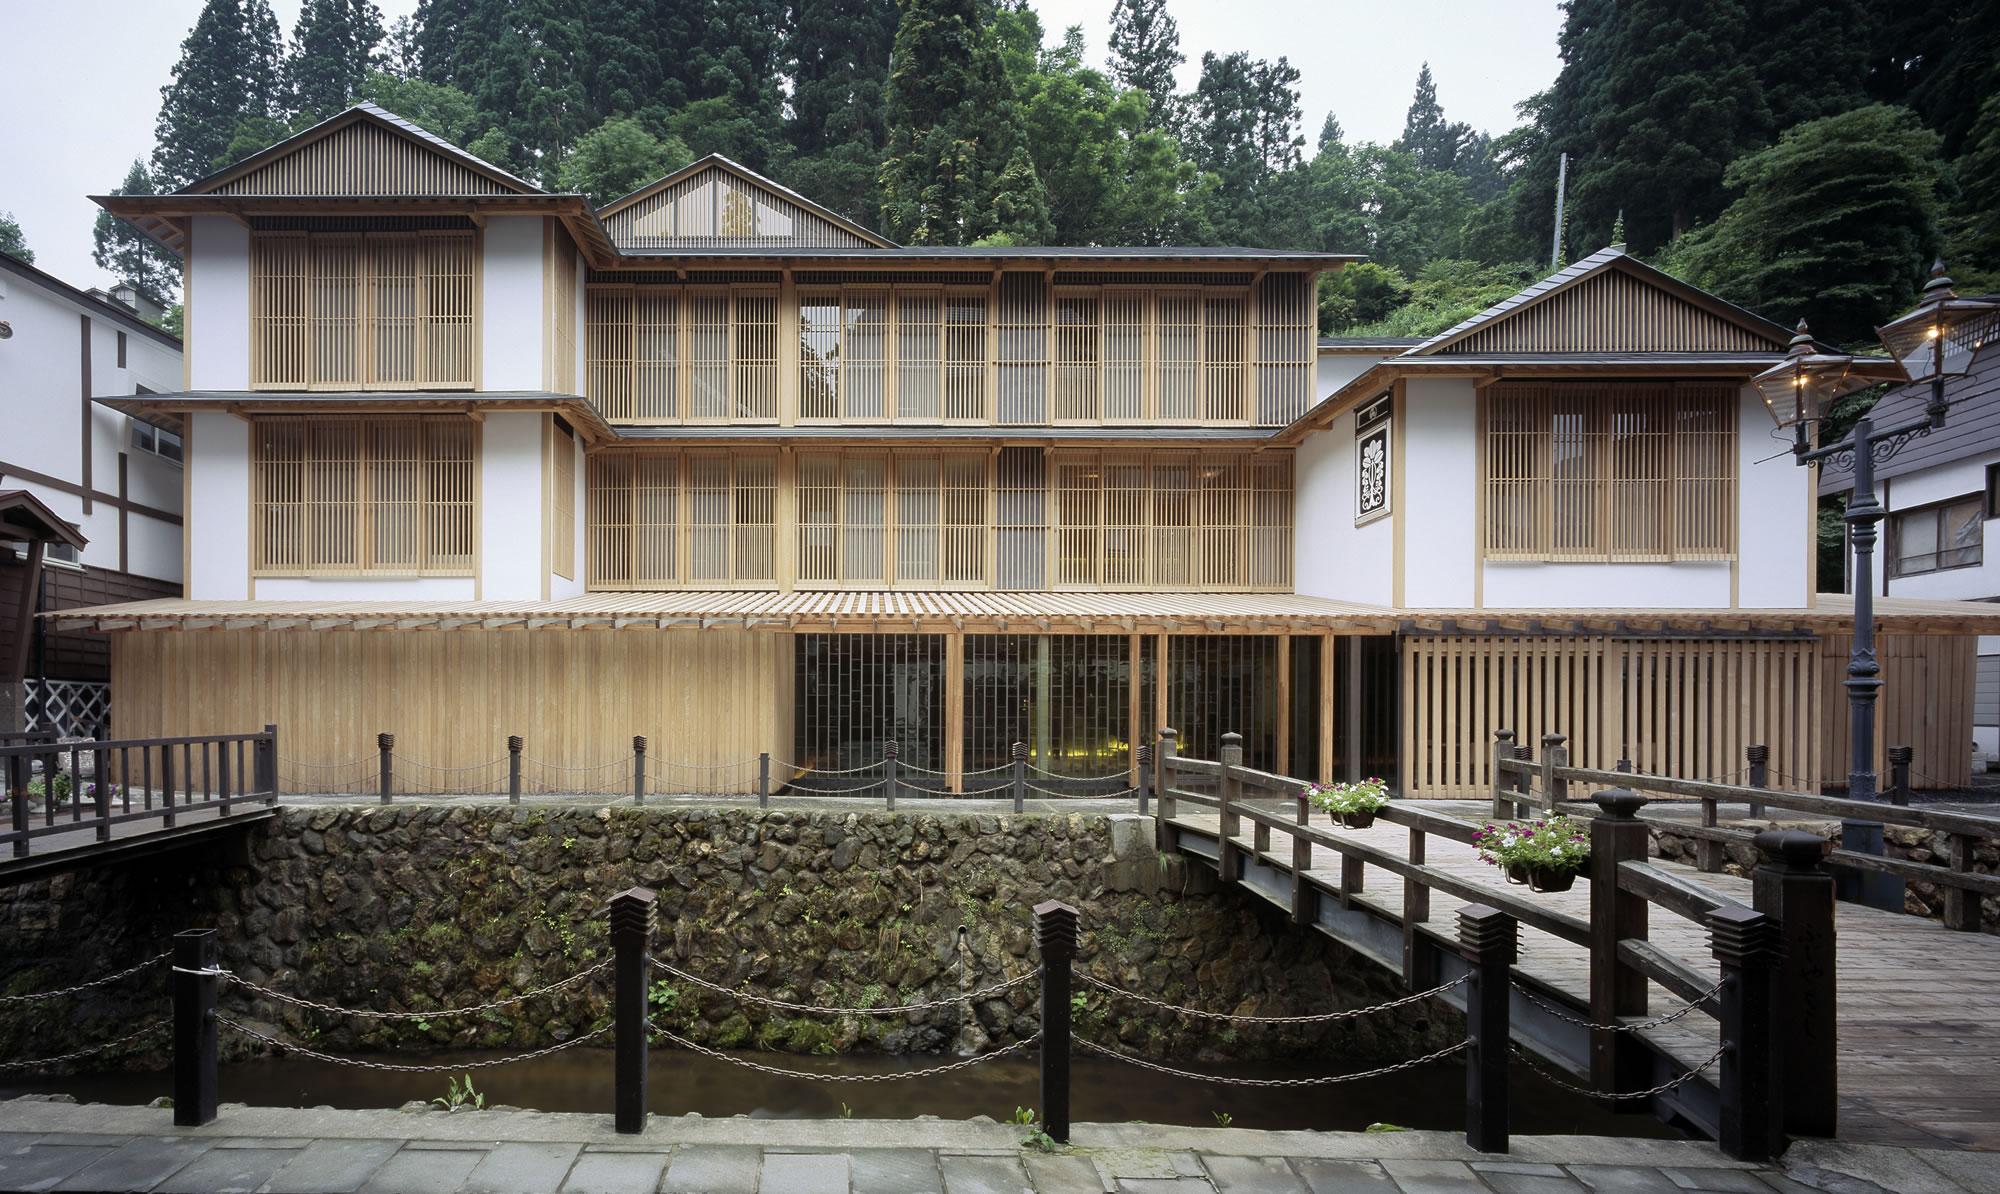 銀山温泉で贅沢気分を味わえる高級旅館はどこ?